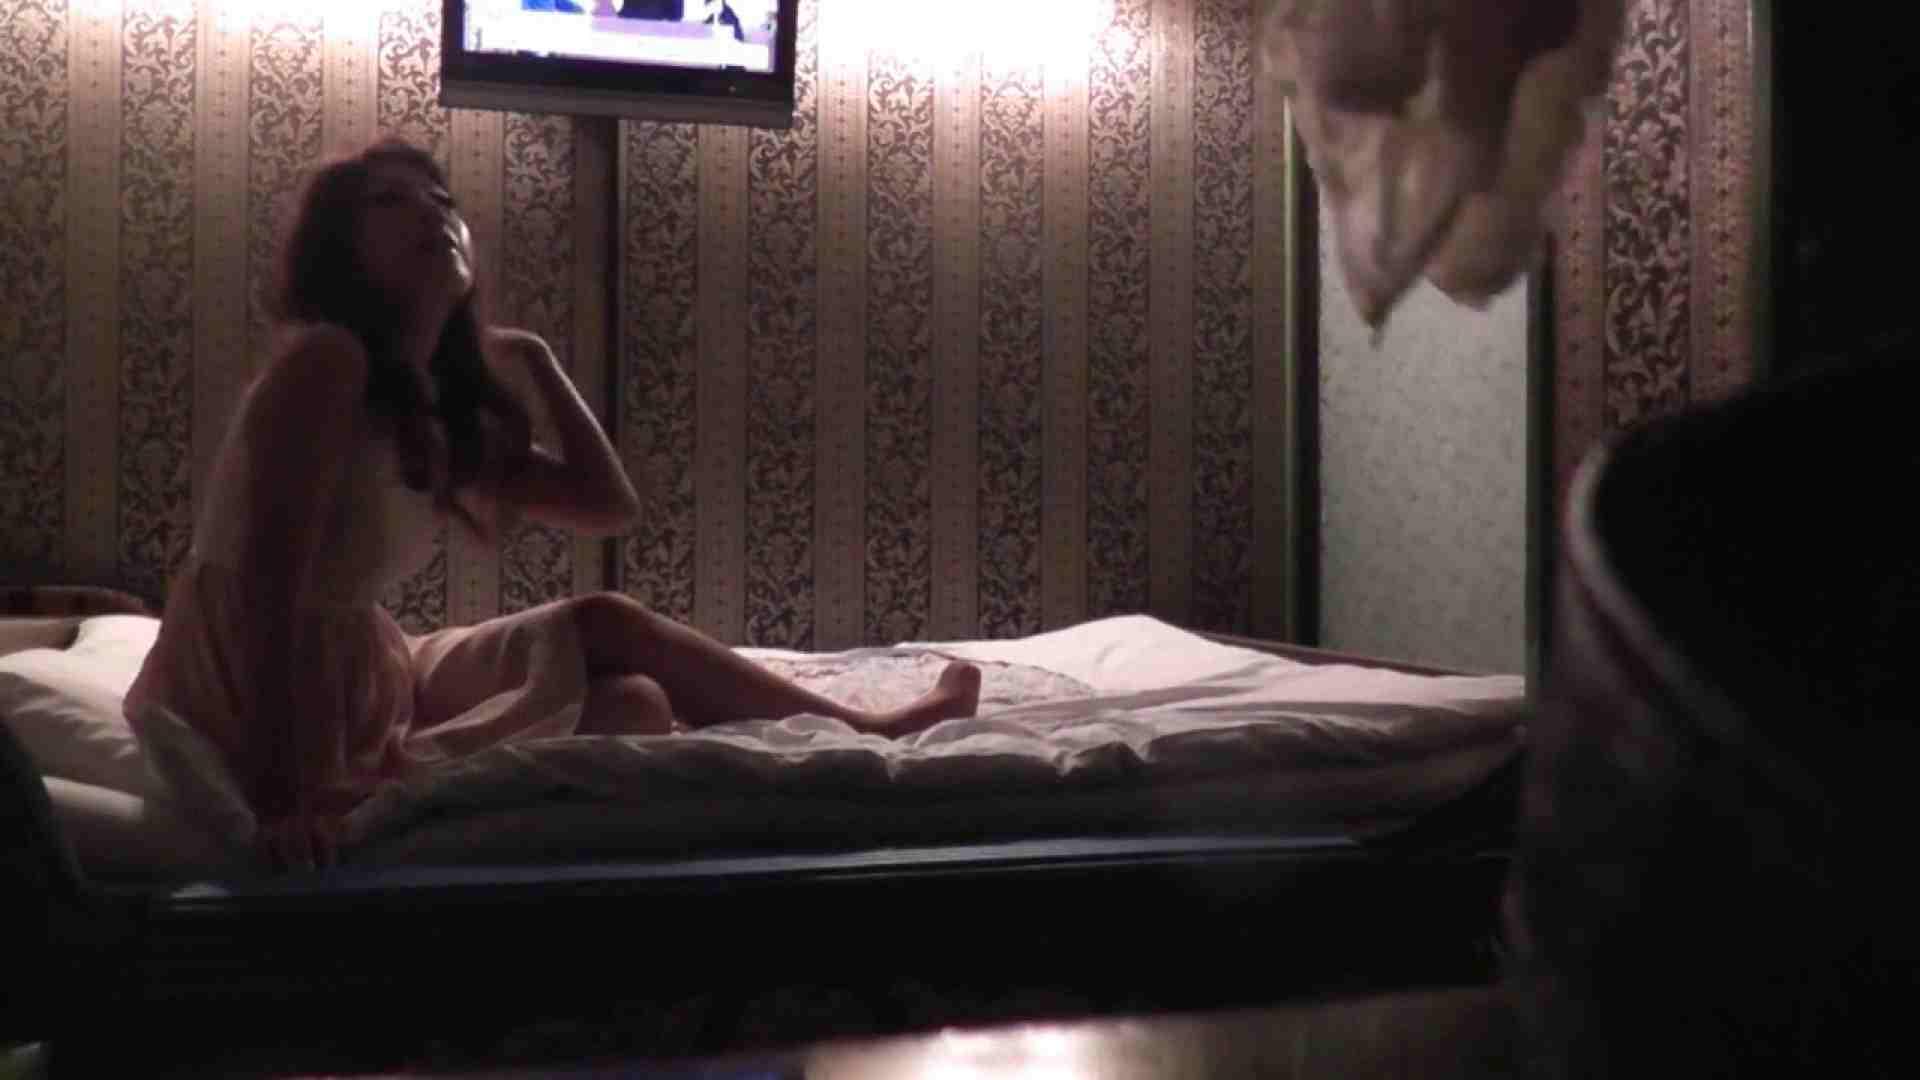 美女だらけのプライベートSEXvol.5 美女のボディ 隠し撮りオマンコ動画紹介 64PIX 3